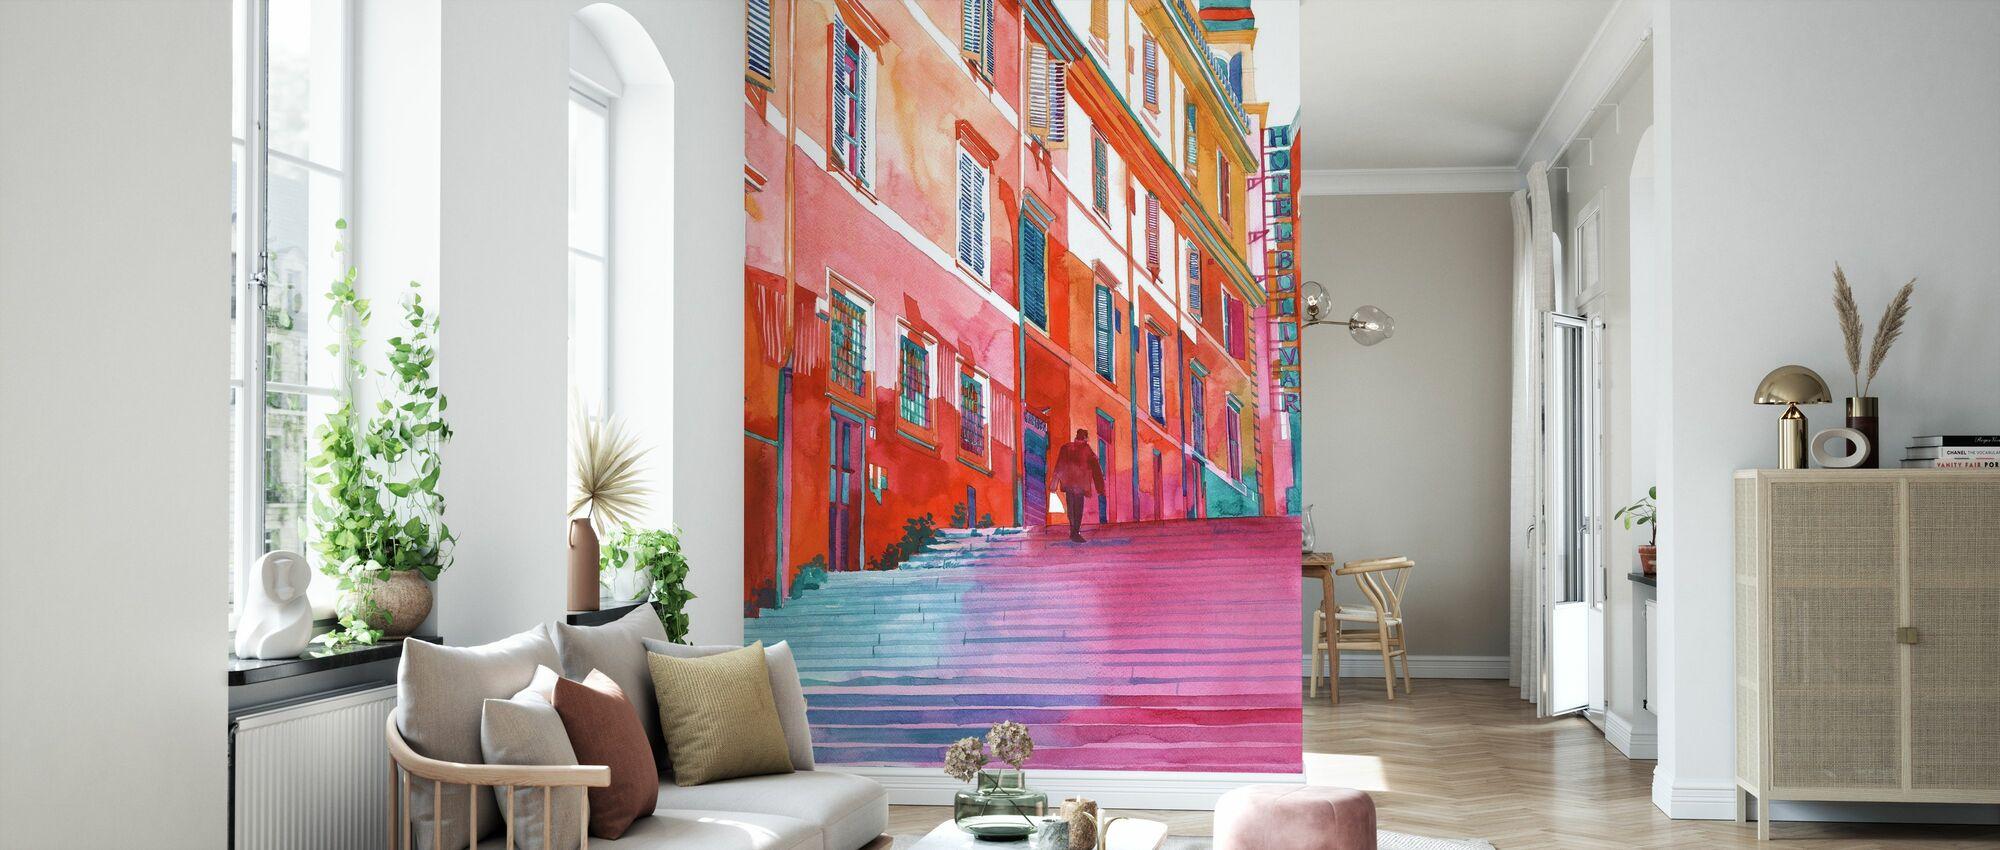 Hotell i Rom - Tapet - Vardagsrum